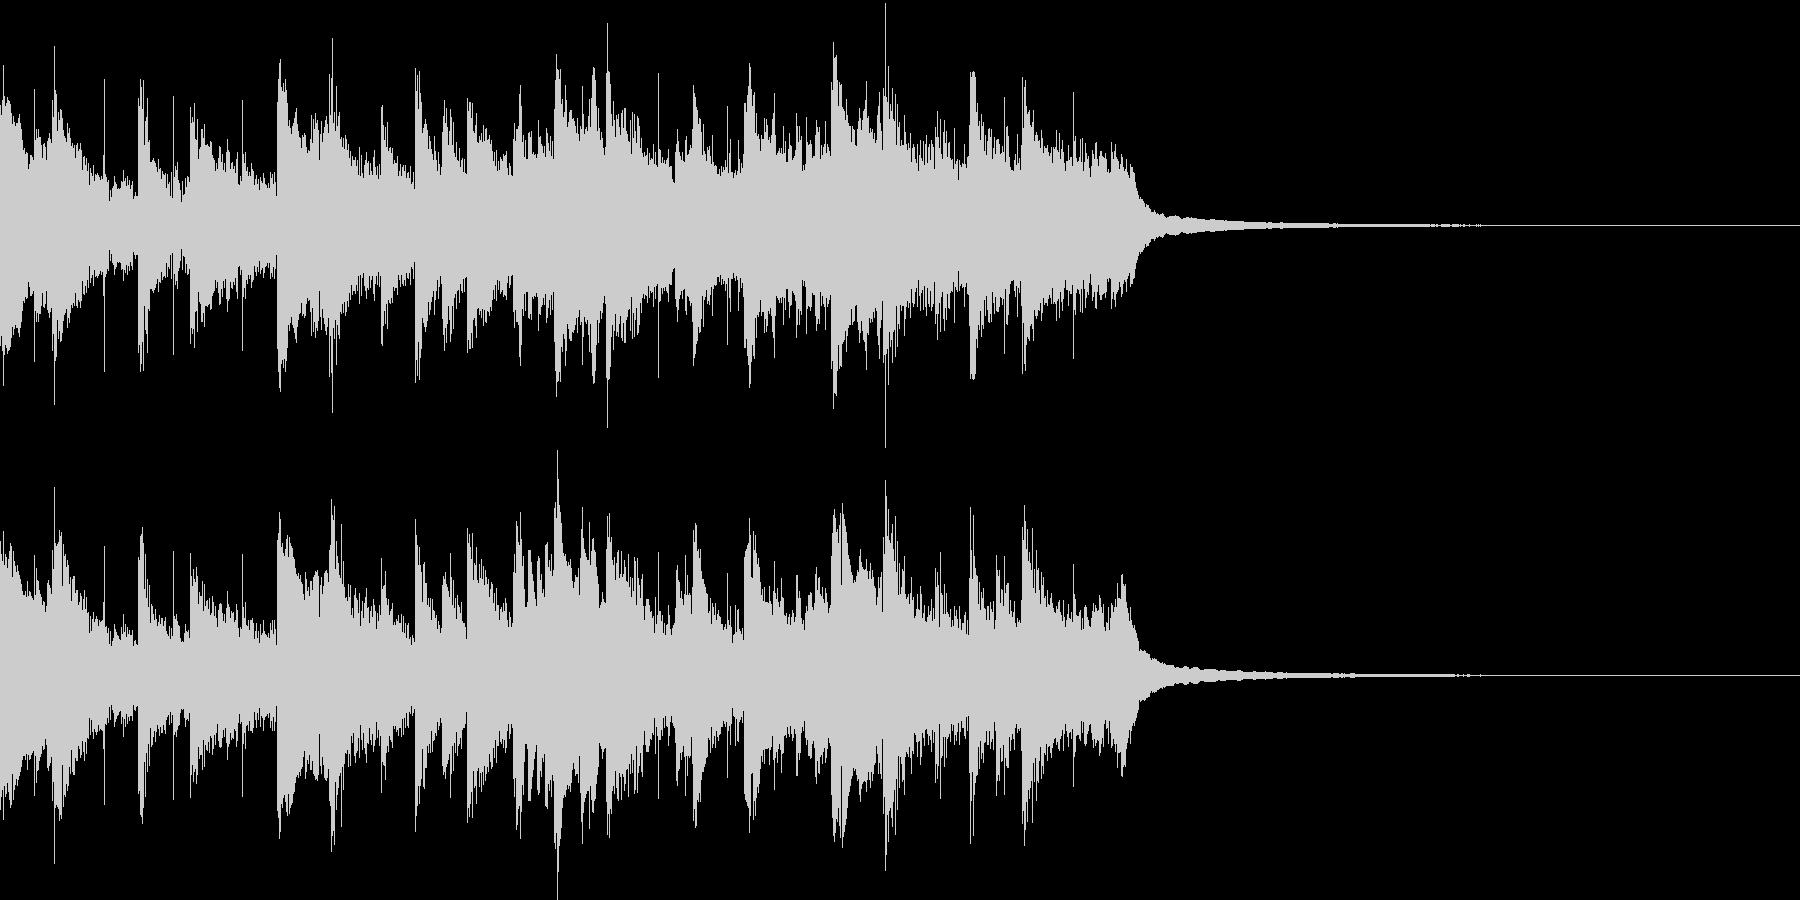 アコギ、ピアノがメインの爽やかジングルの未再生の波形